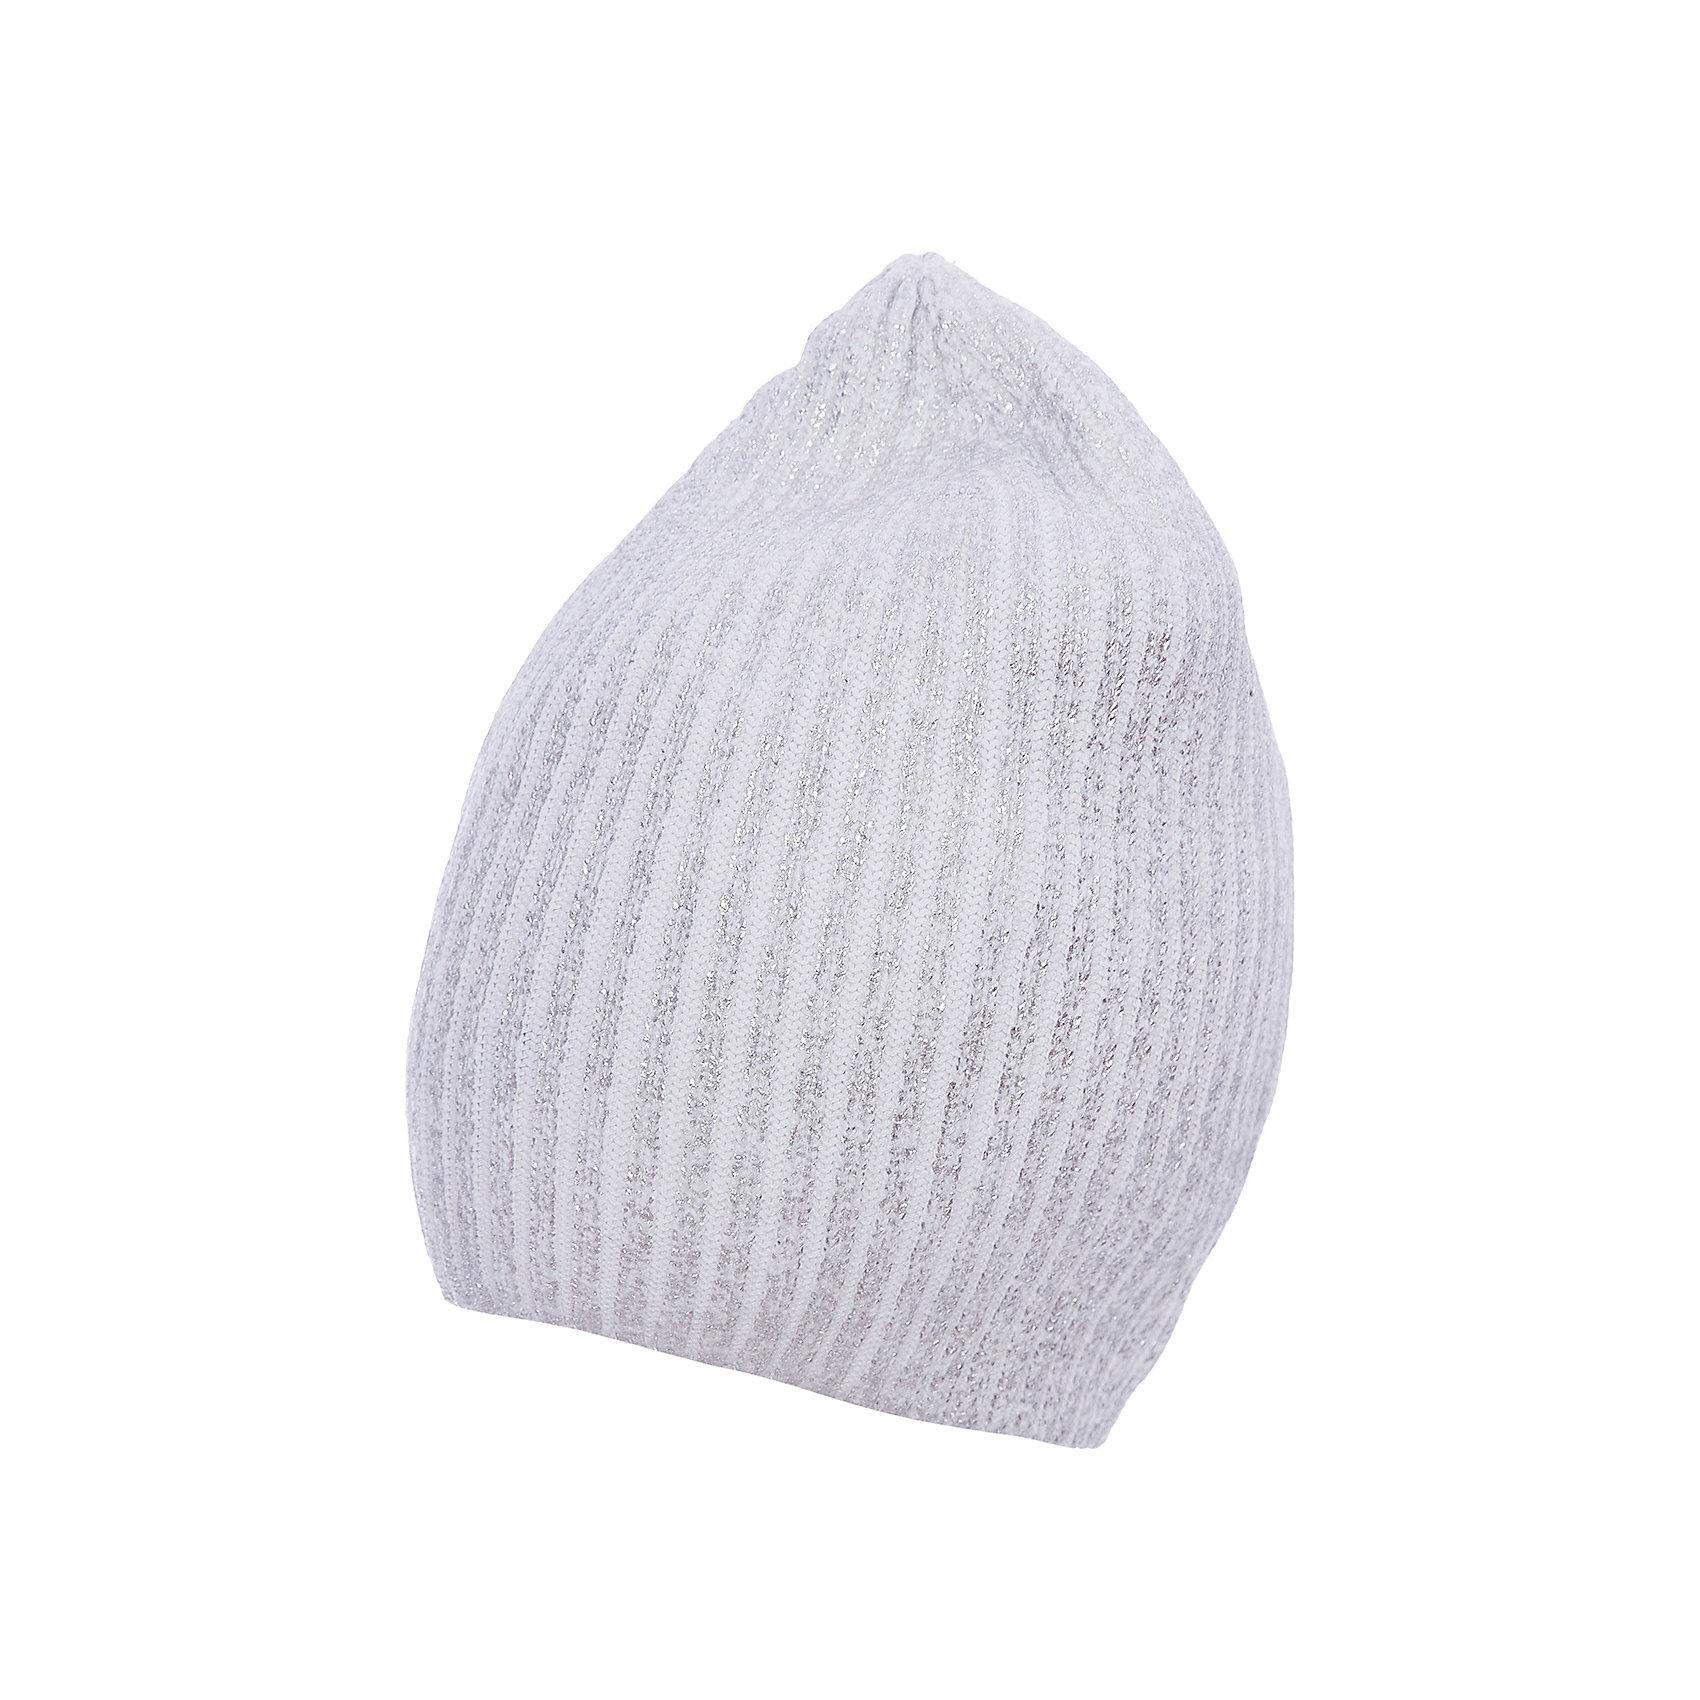 Шапка для девочки GulliverГоловные уборы<br>Стильная вязаная шапка для девочки отлично дополнит повседневный образ ребенка, придав ему индивидуальность. Необычной шапку делает серебристое напыление, создающее выразительный сияющий эффект. Мягкая, легкая, комфортная, шапка отлично разместится в кармане пальто или куртки, чтобы в любой момент защитить модницу от непогоды и ветра.<br>Состав:<br>100% хлопок<br><br>Ширина мм: 89<br>Глубина мм: 117<br>Высота мм: 44<br>Вес г: 155<br>Цвет: белый<br>Возраст от месяцев: 96<br>Возраст до месяцев: 120<br>Пол: Женский<br>Возраст: Детский<br>Размер: 56,54<br>SKU: 5483079